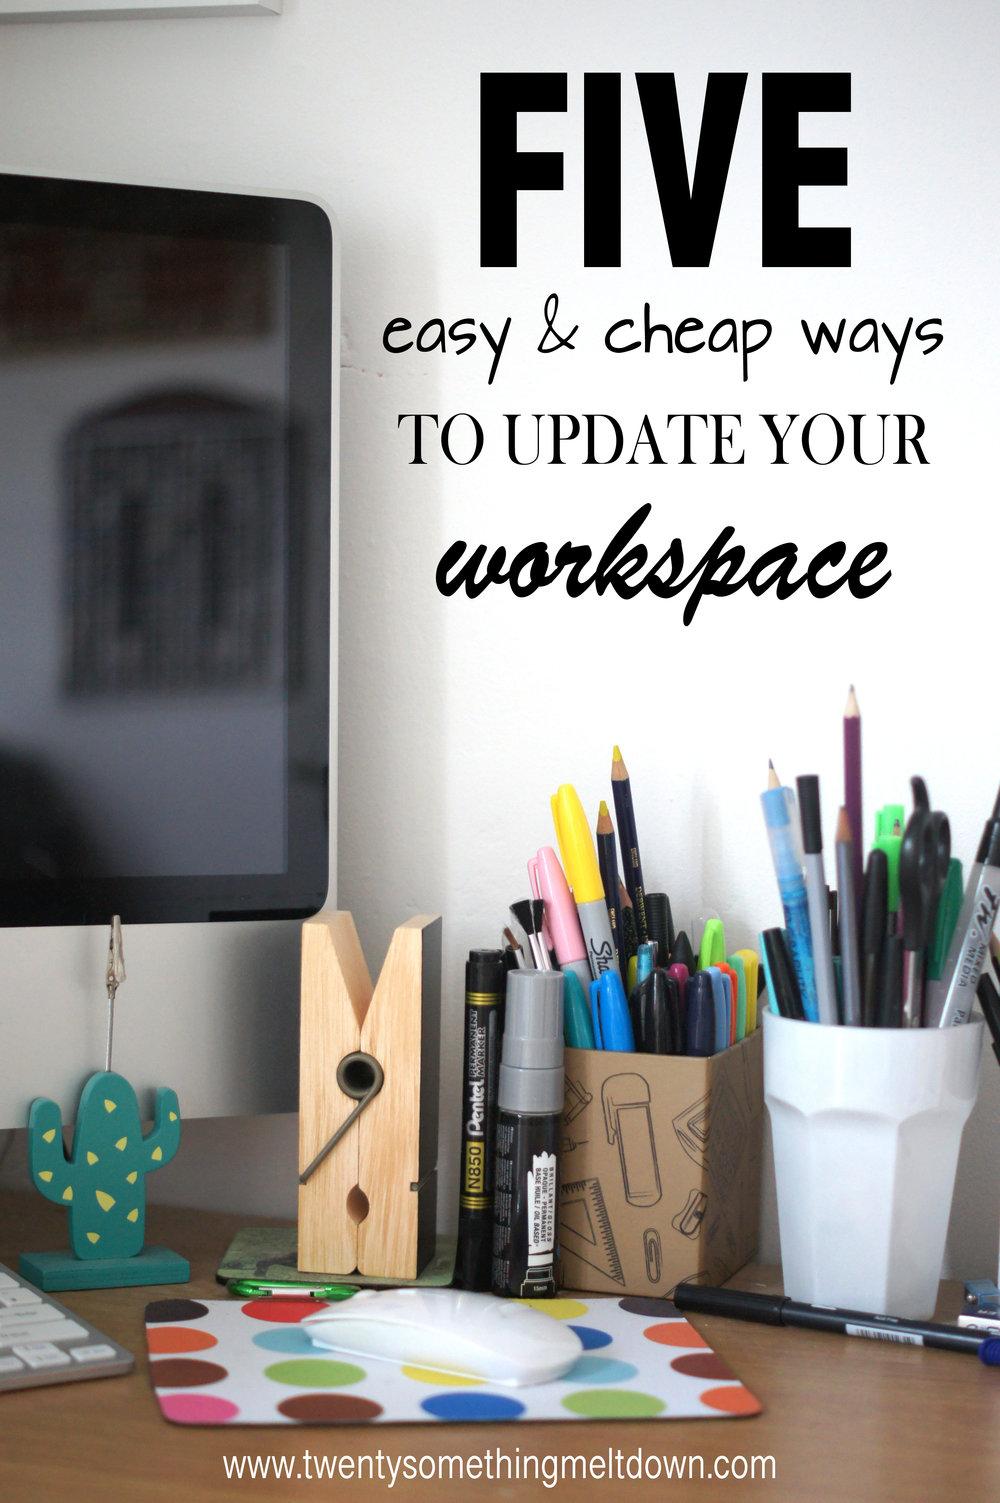 5waystoupdateyourworkspace.jpg